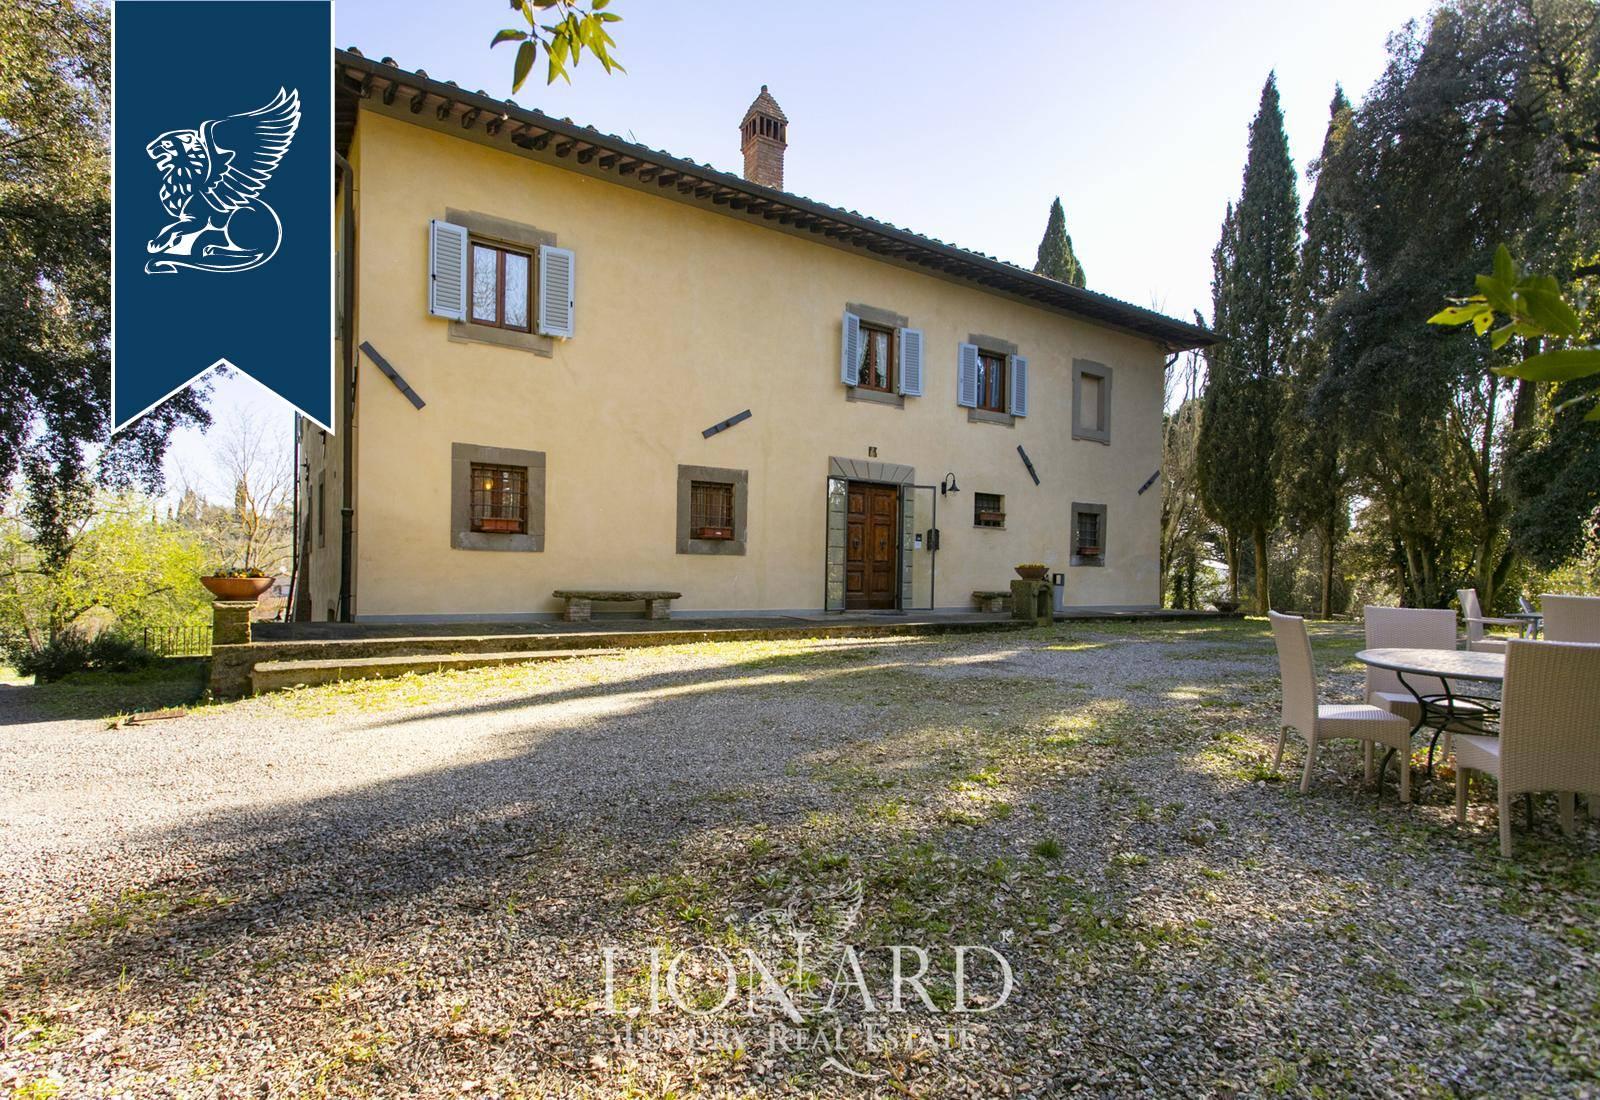 Villa in Vendita a San Miniato: 0 locali, 1215 mq - Foto 4